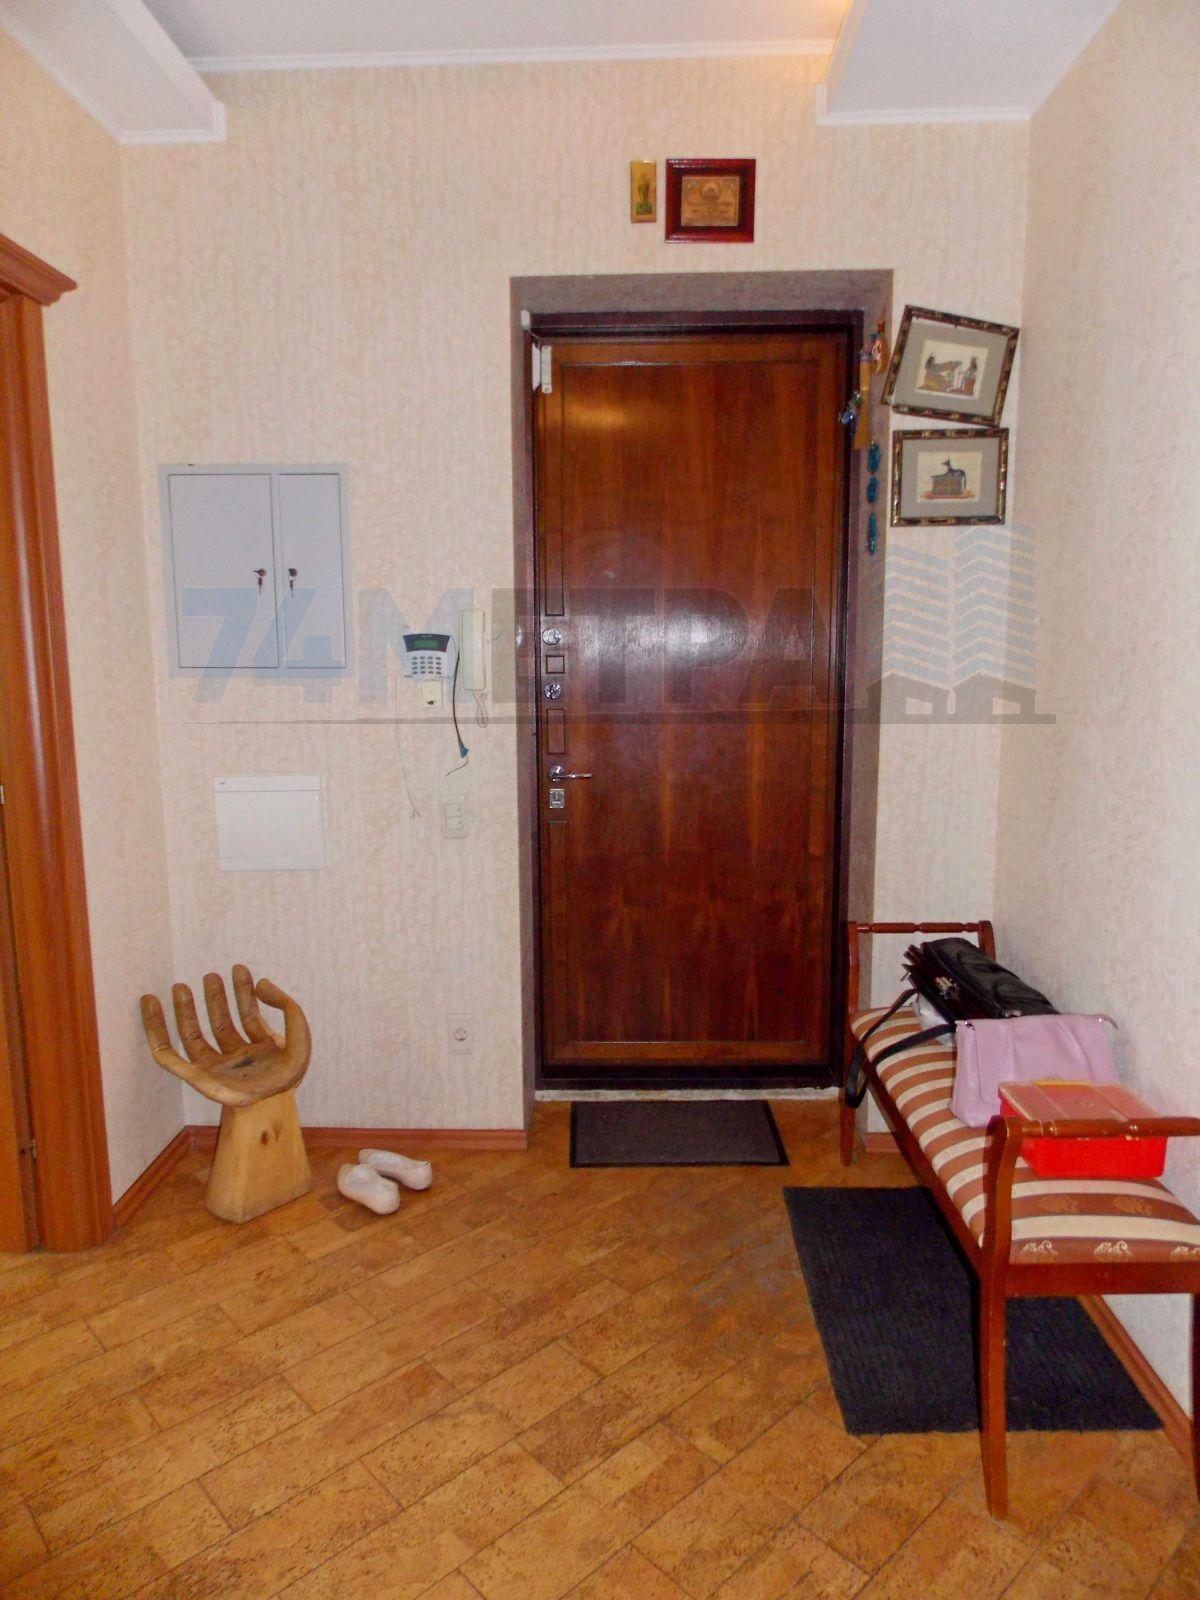 35 000 ₽, 3 - комнатная квартира, площадь 100 м², этаж 3/4